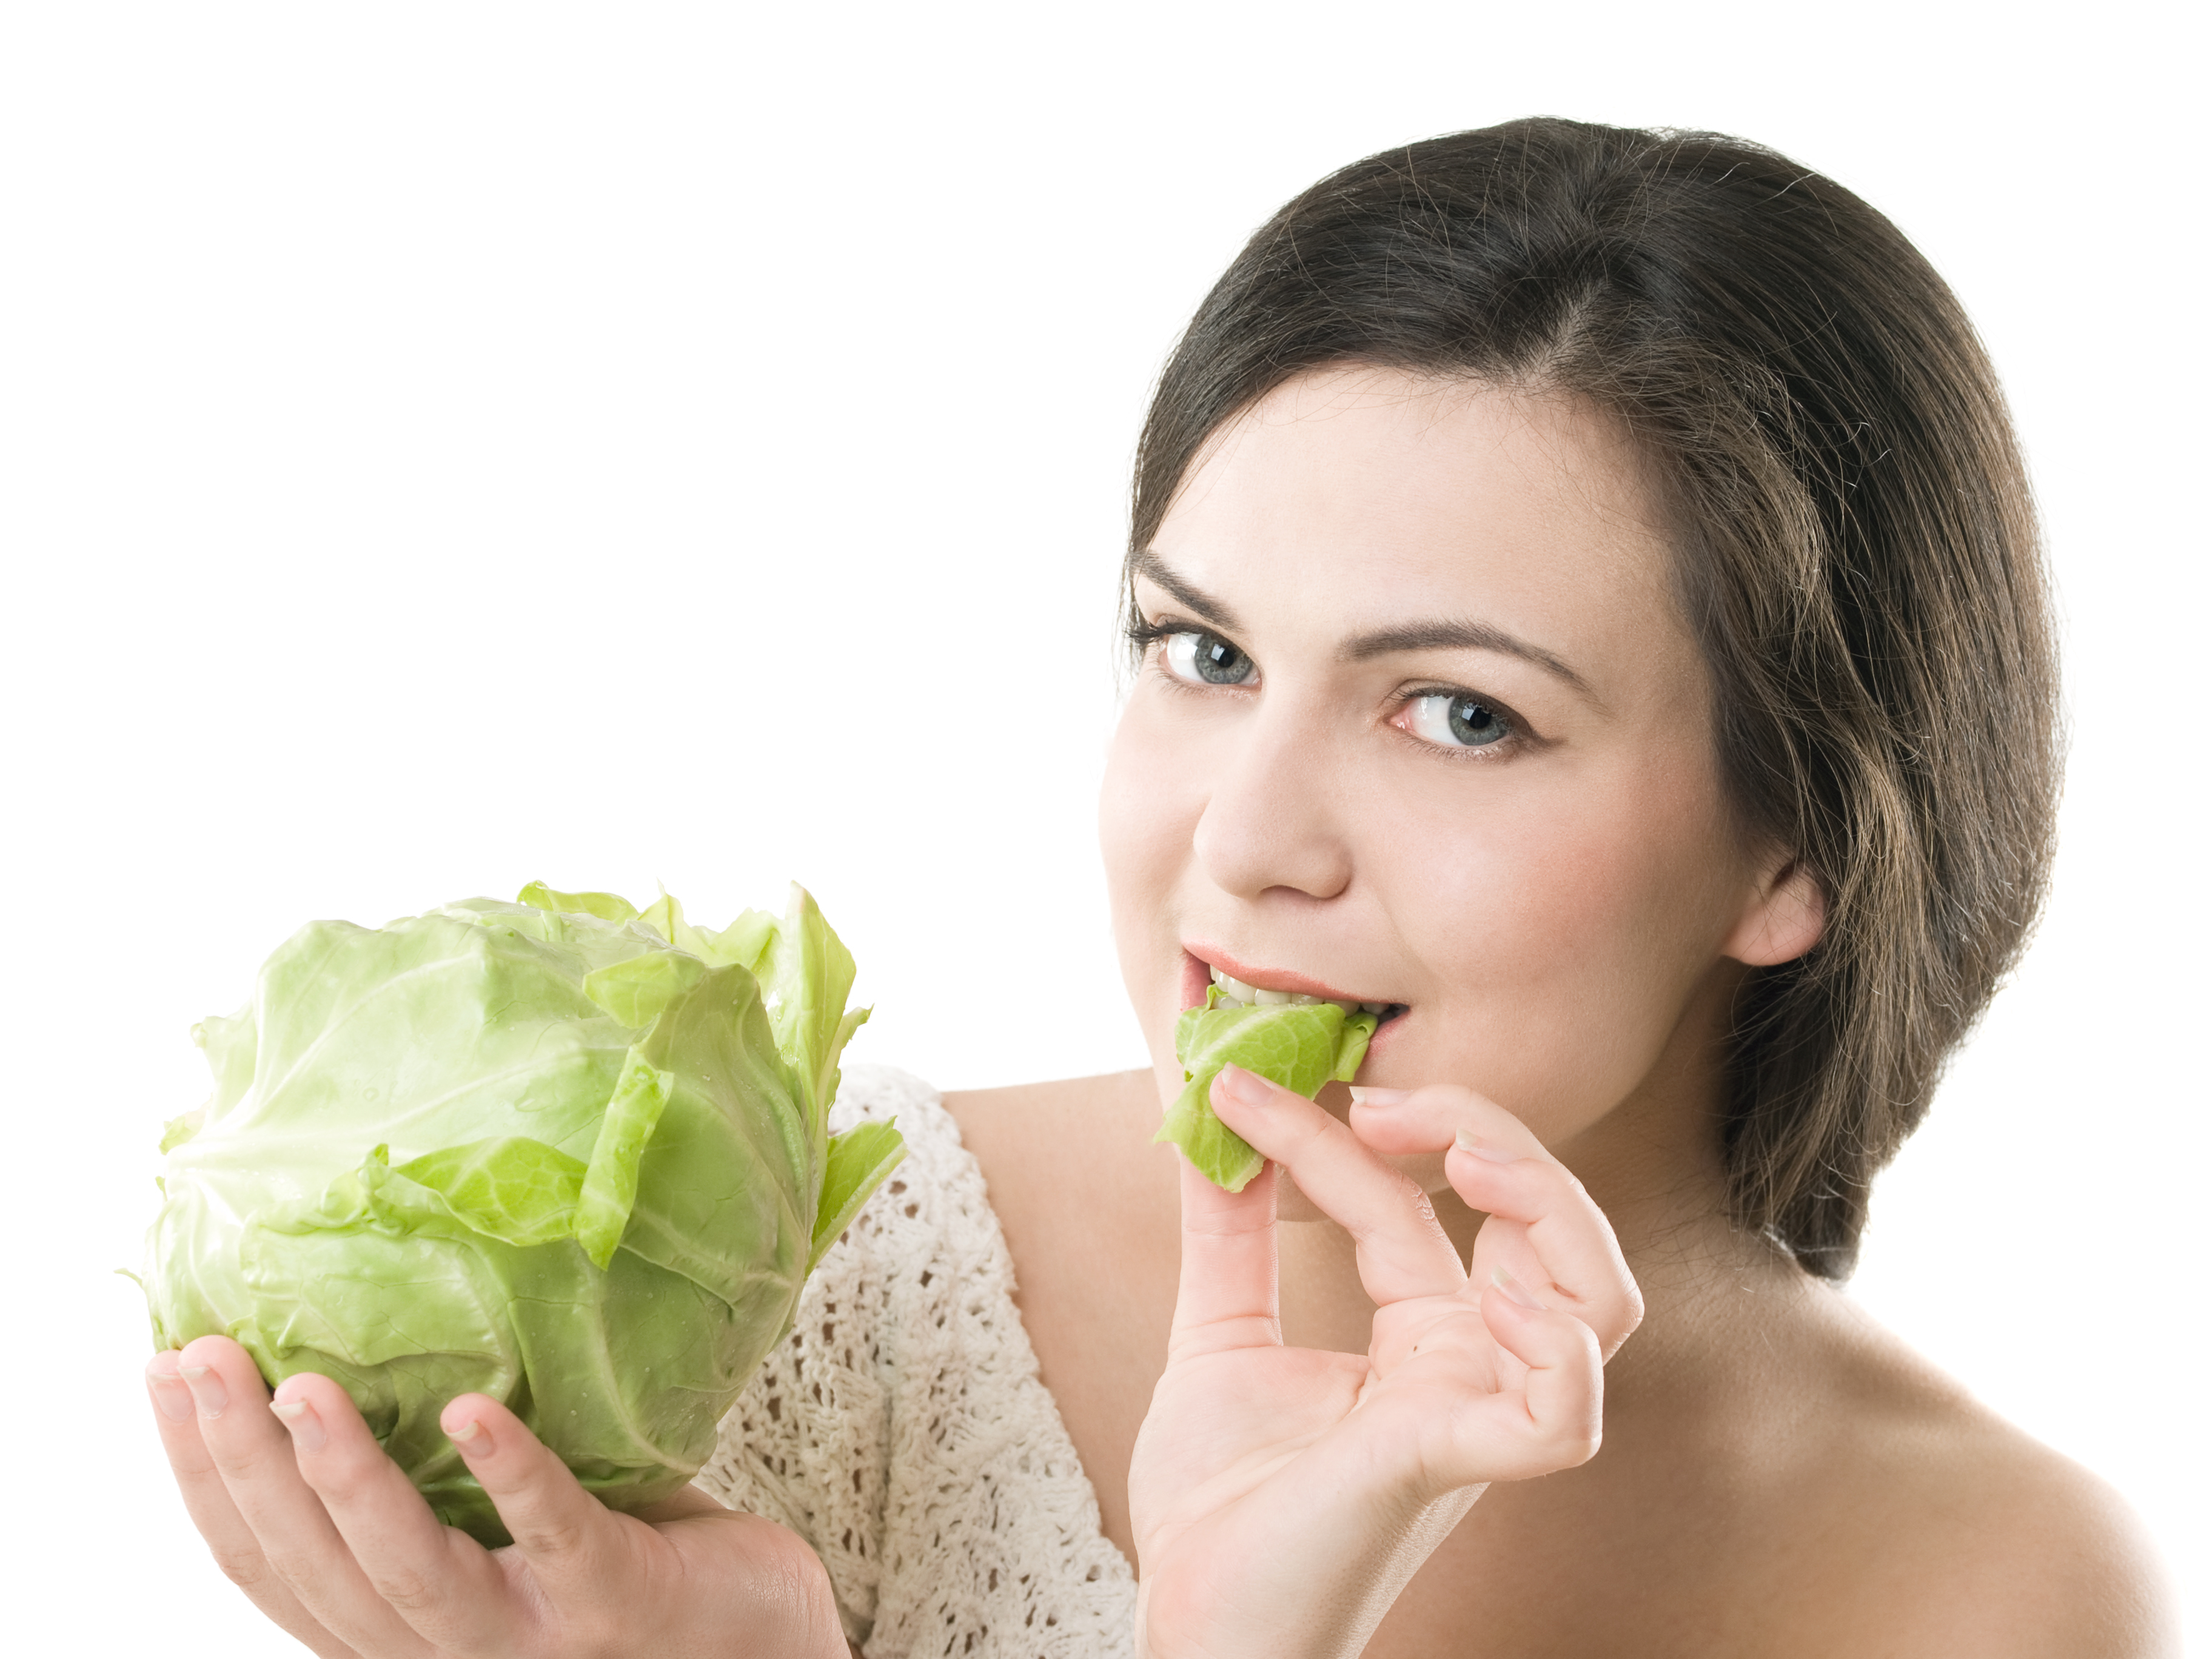 Можно Похудеть На Капусте И Моркови. Полезные рецепты и варианты меню капустной диеты для похудения